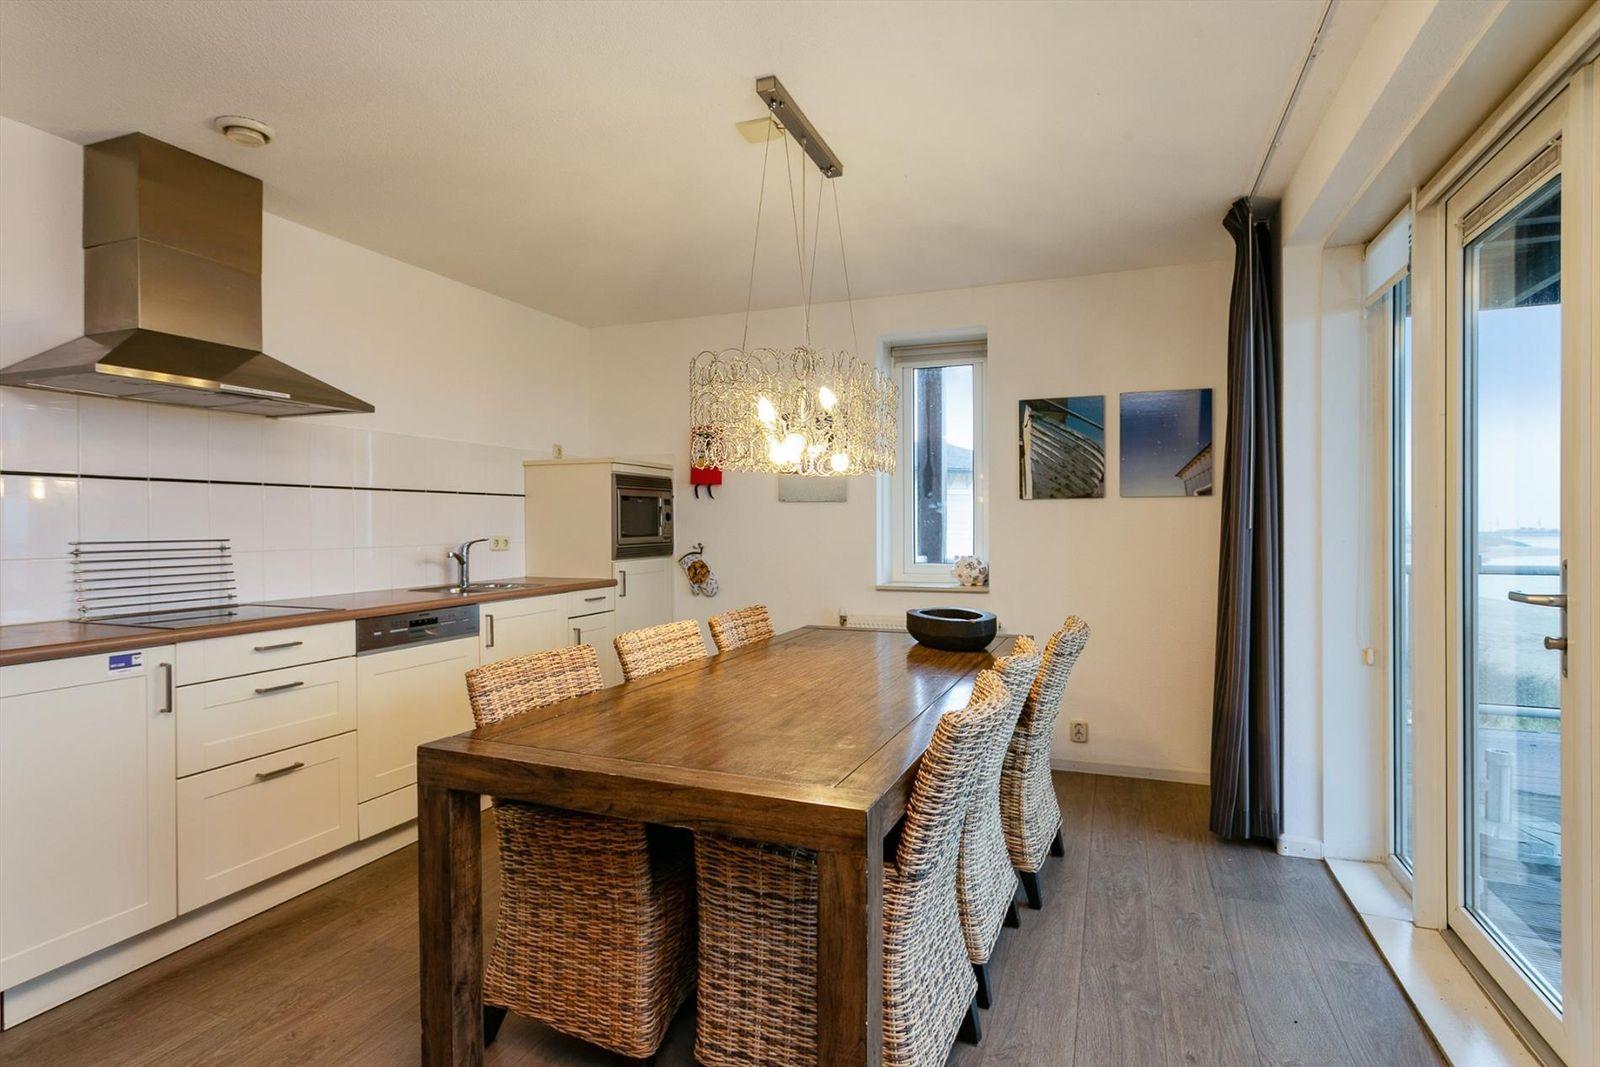 Vakantiehuis te koop in Zuid-Holland in Hellevoetsluis (8).jpg